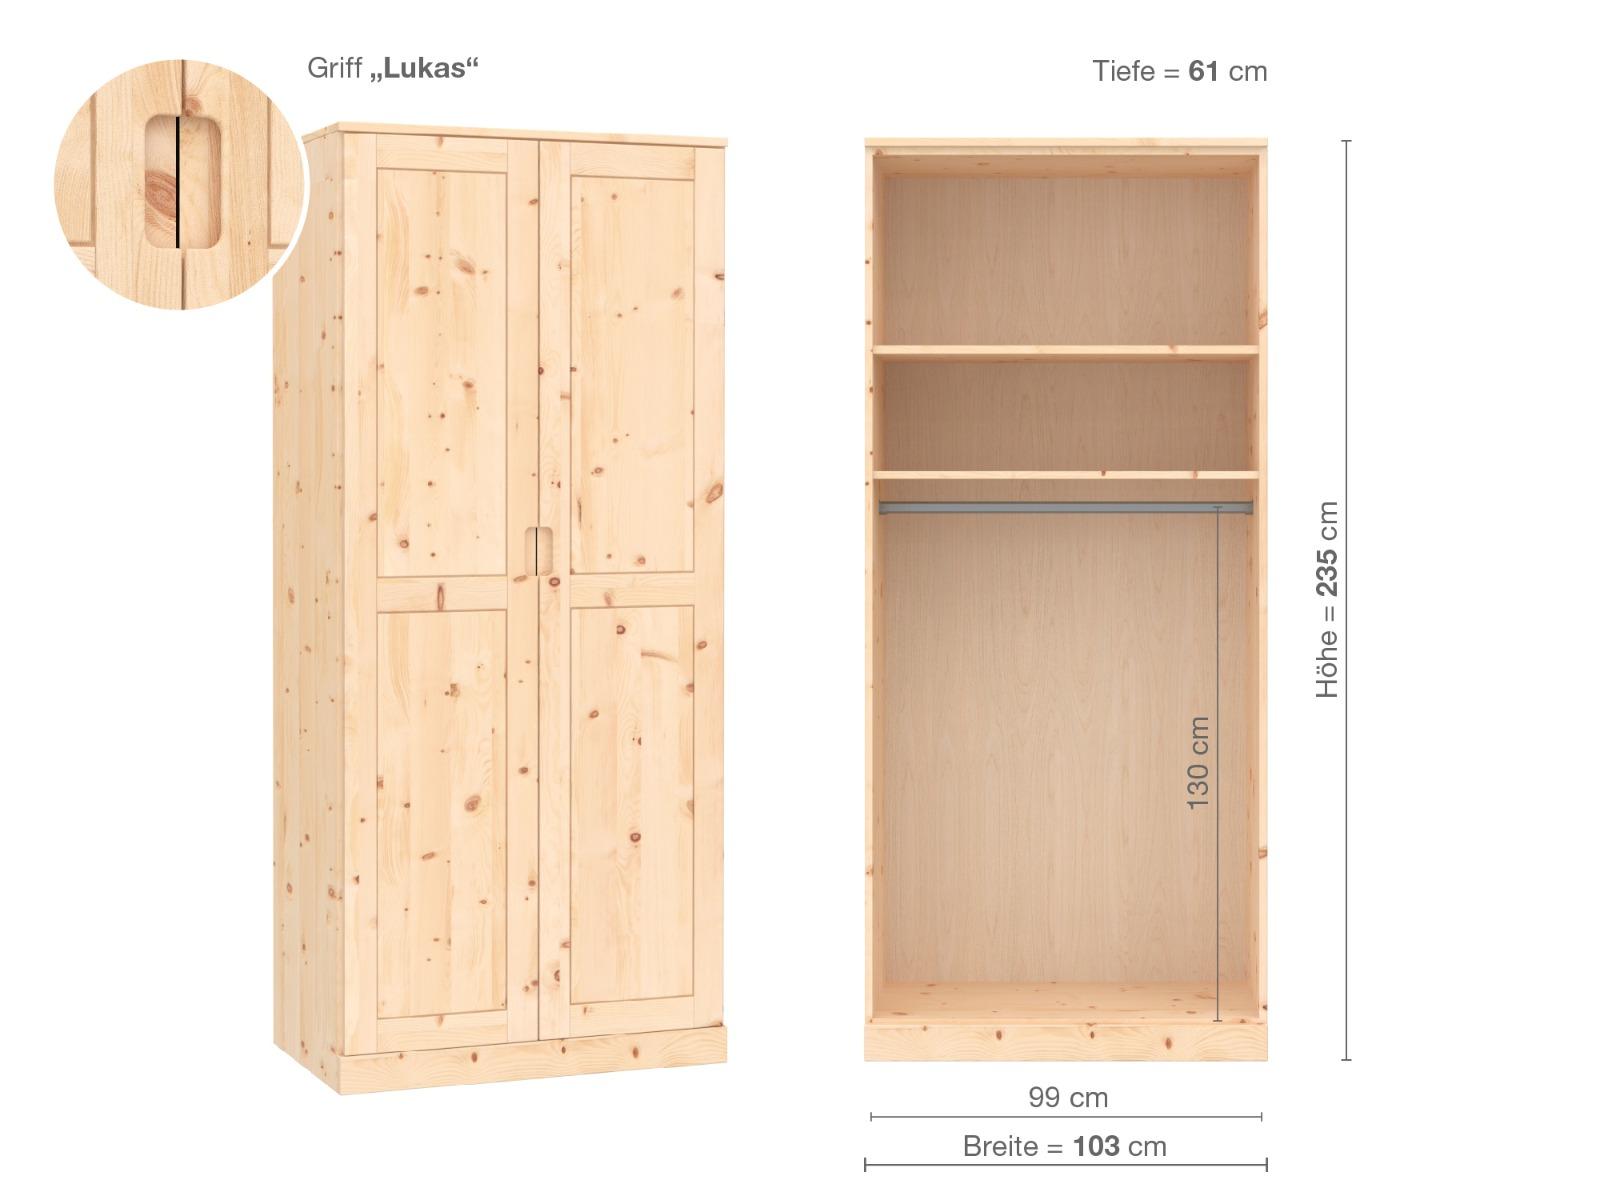 """Zirbenschrank """"Edelweiß"""", 2-türig, Höhe 235 cm, Griffausführung """"Lukas"""", Inneneinrichtung A"""